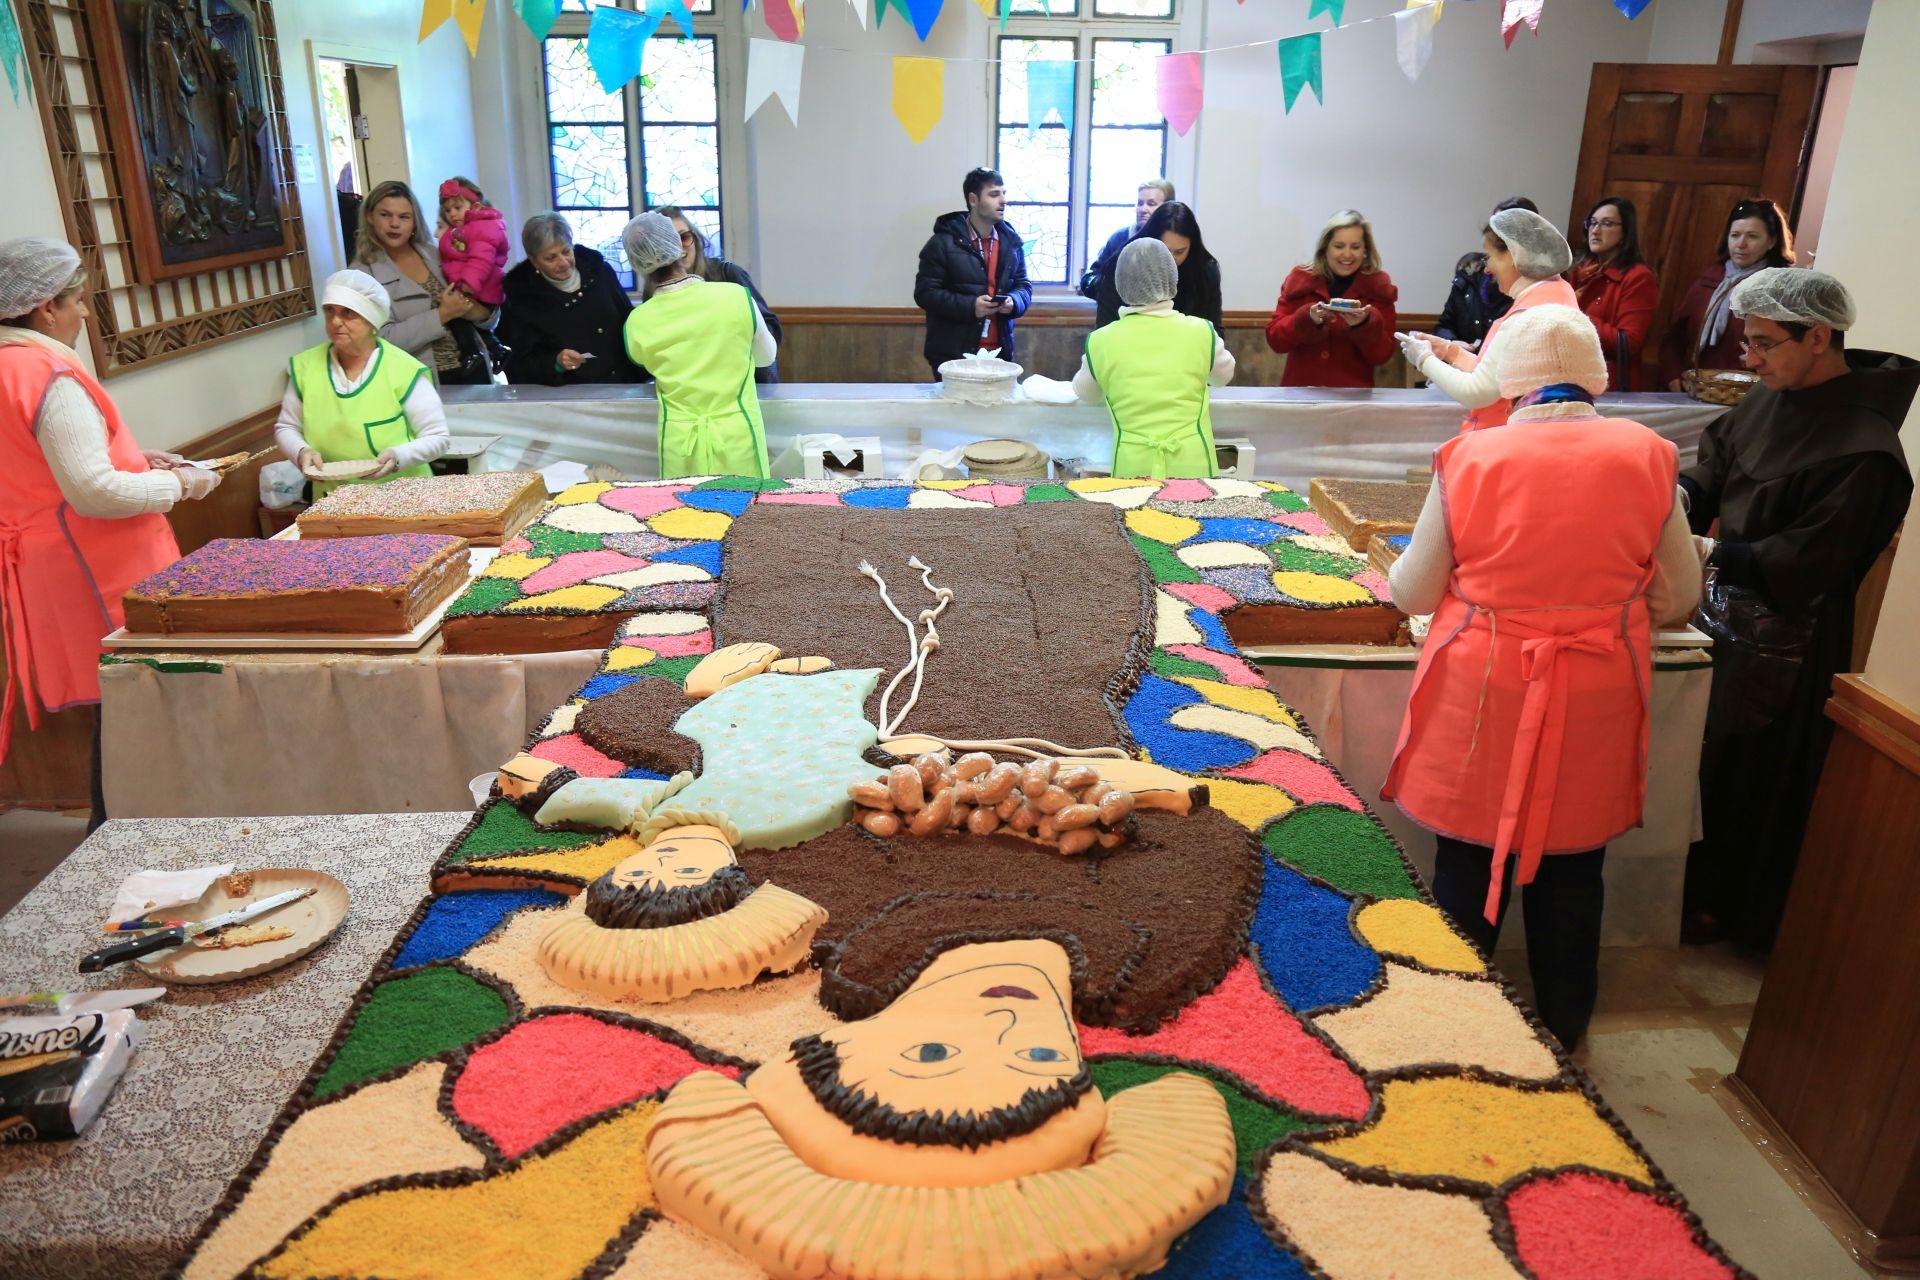 bolo santo antonio de padua que esta sendo distribuido na paroquia Senhor Bom Jesus dos Perdoes na praca rui barbosa